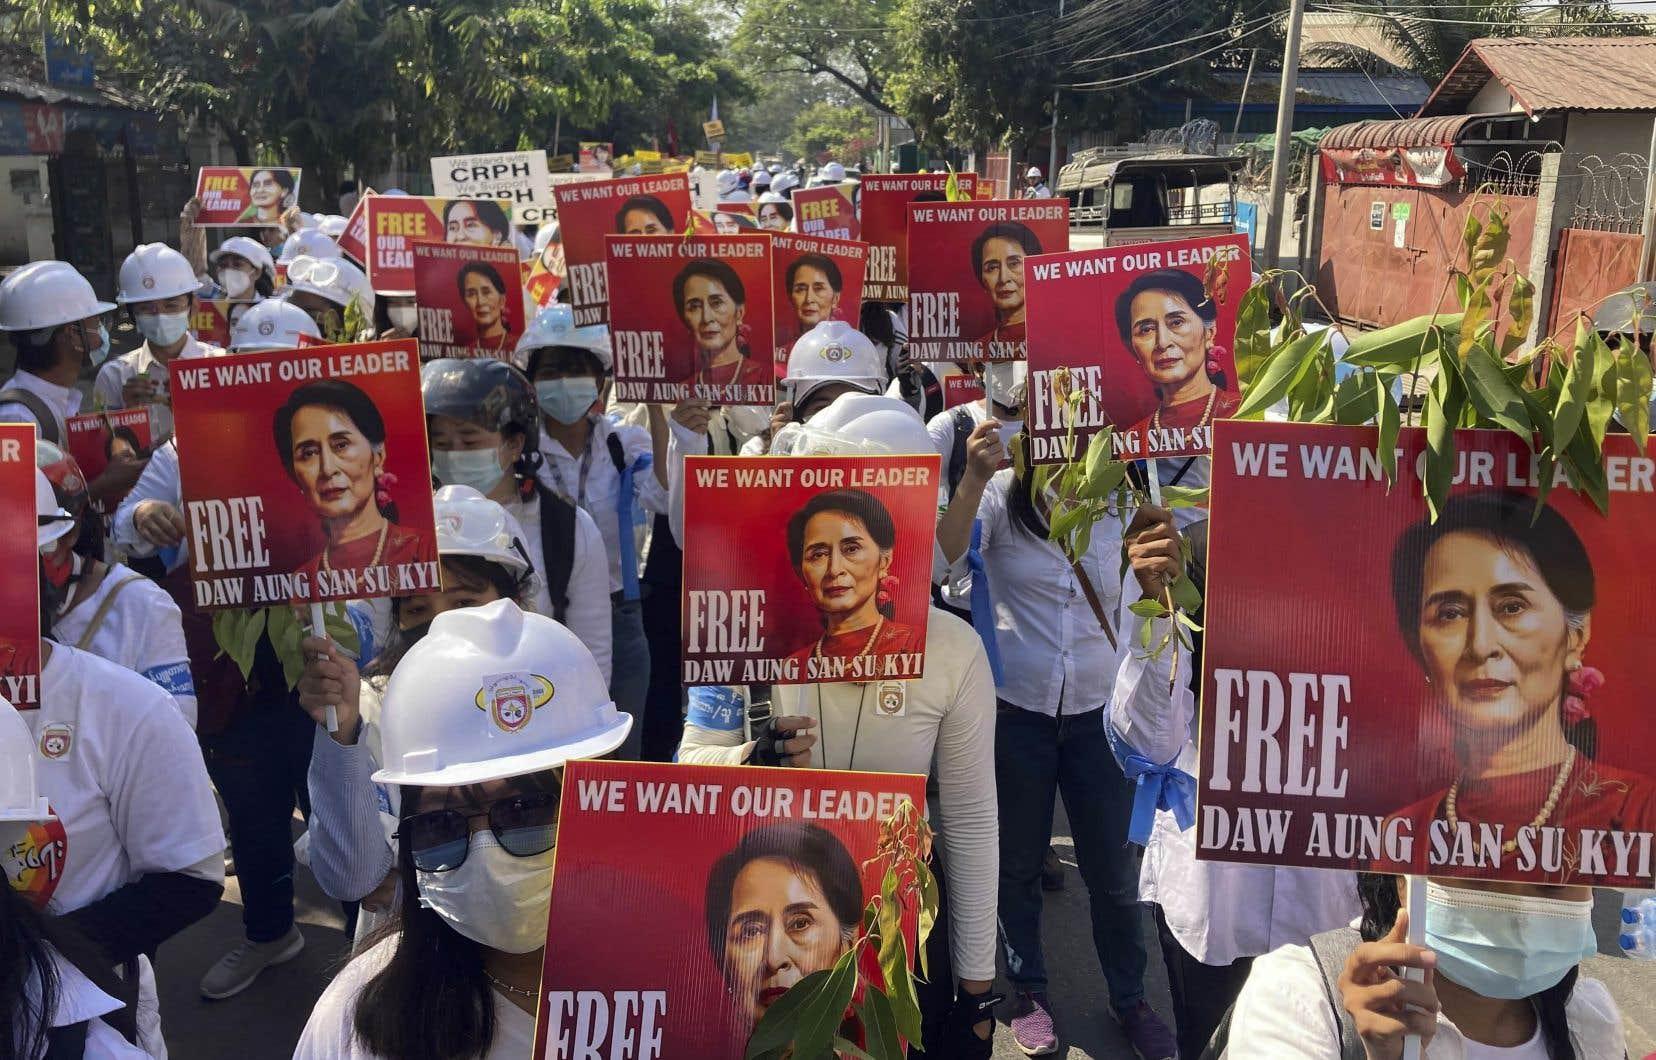 Des centaines d'ingénieurs et d'étudiants ont manifesté dans les rues de Mandalay, deuxième ville du pays.